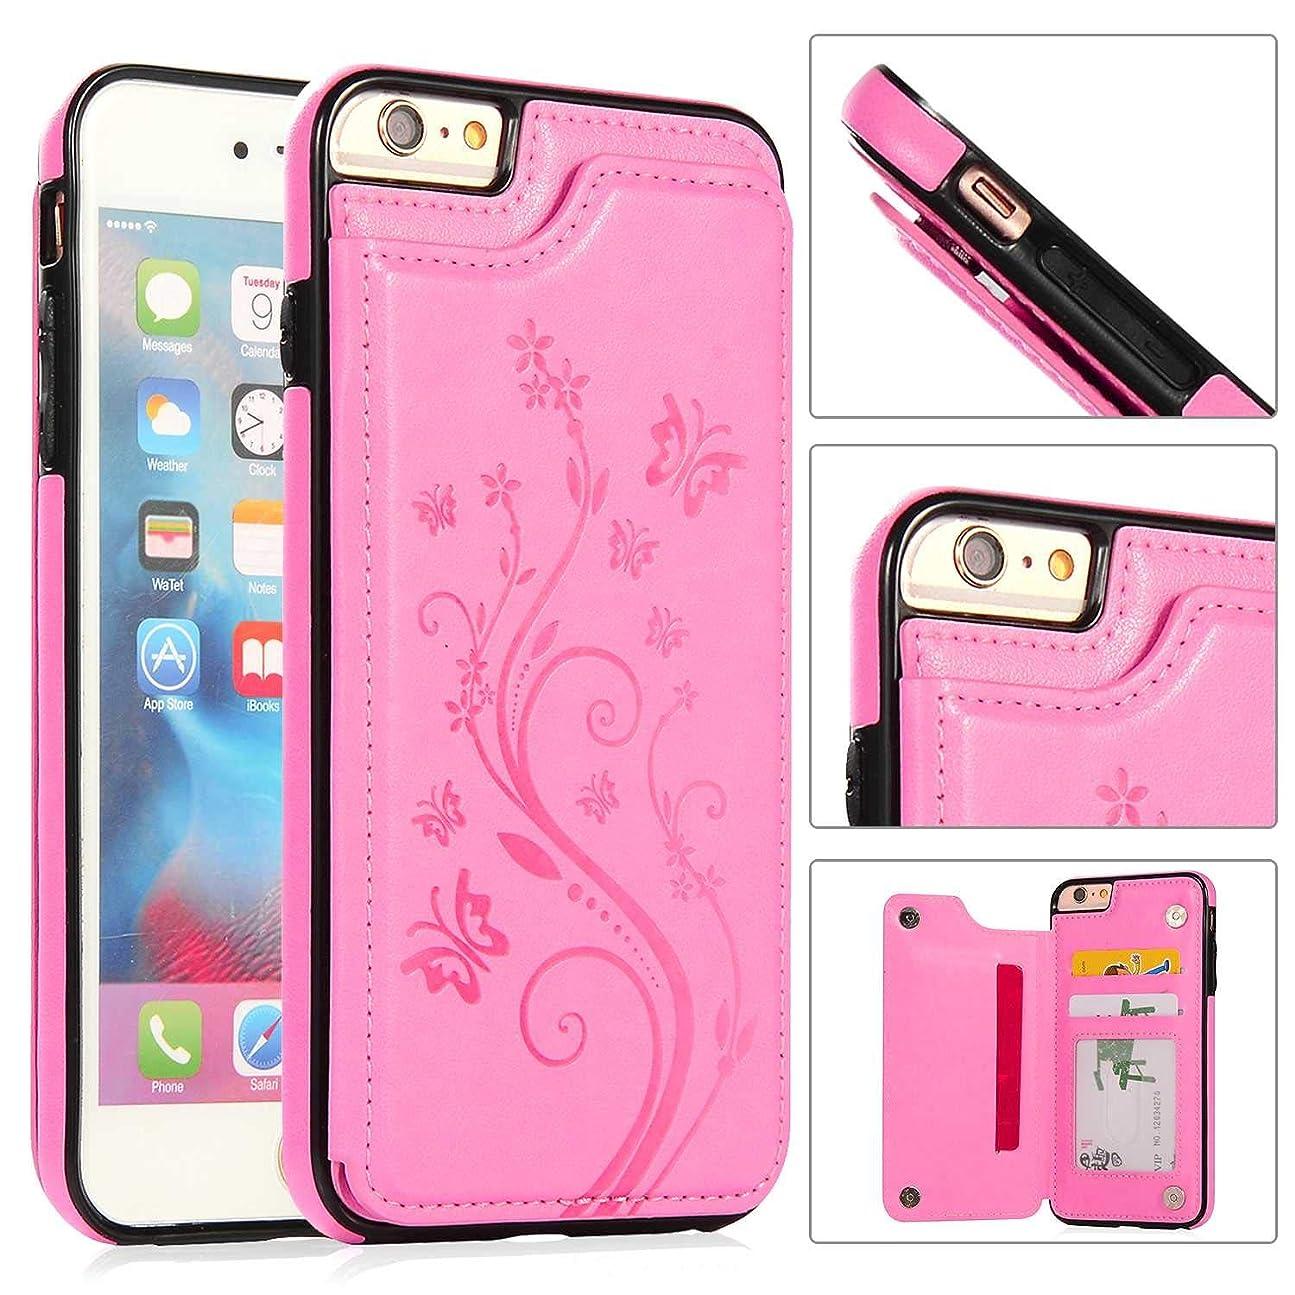 崖コカイン然としたZeebox? iPhone 6 Plus/iPhone 6S Plus ケース, 軽量 耐衝撃 柔軟 PUレザー バックケース, 脱着簡単 弧状設計 付きスタンド機能 マグネット開閉式 カード収納付 iPhone 6 Plus/iPhone 6S Plus 用 Case Cover, ピンク